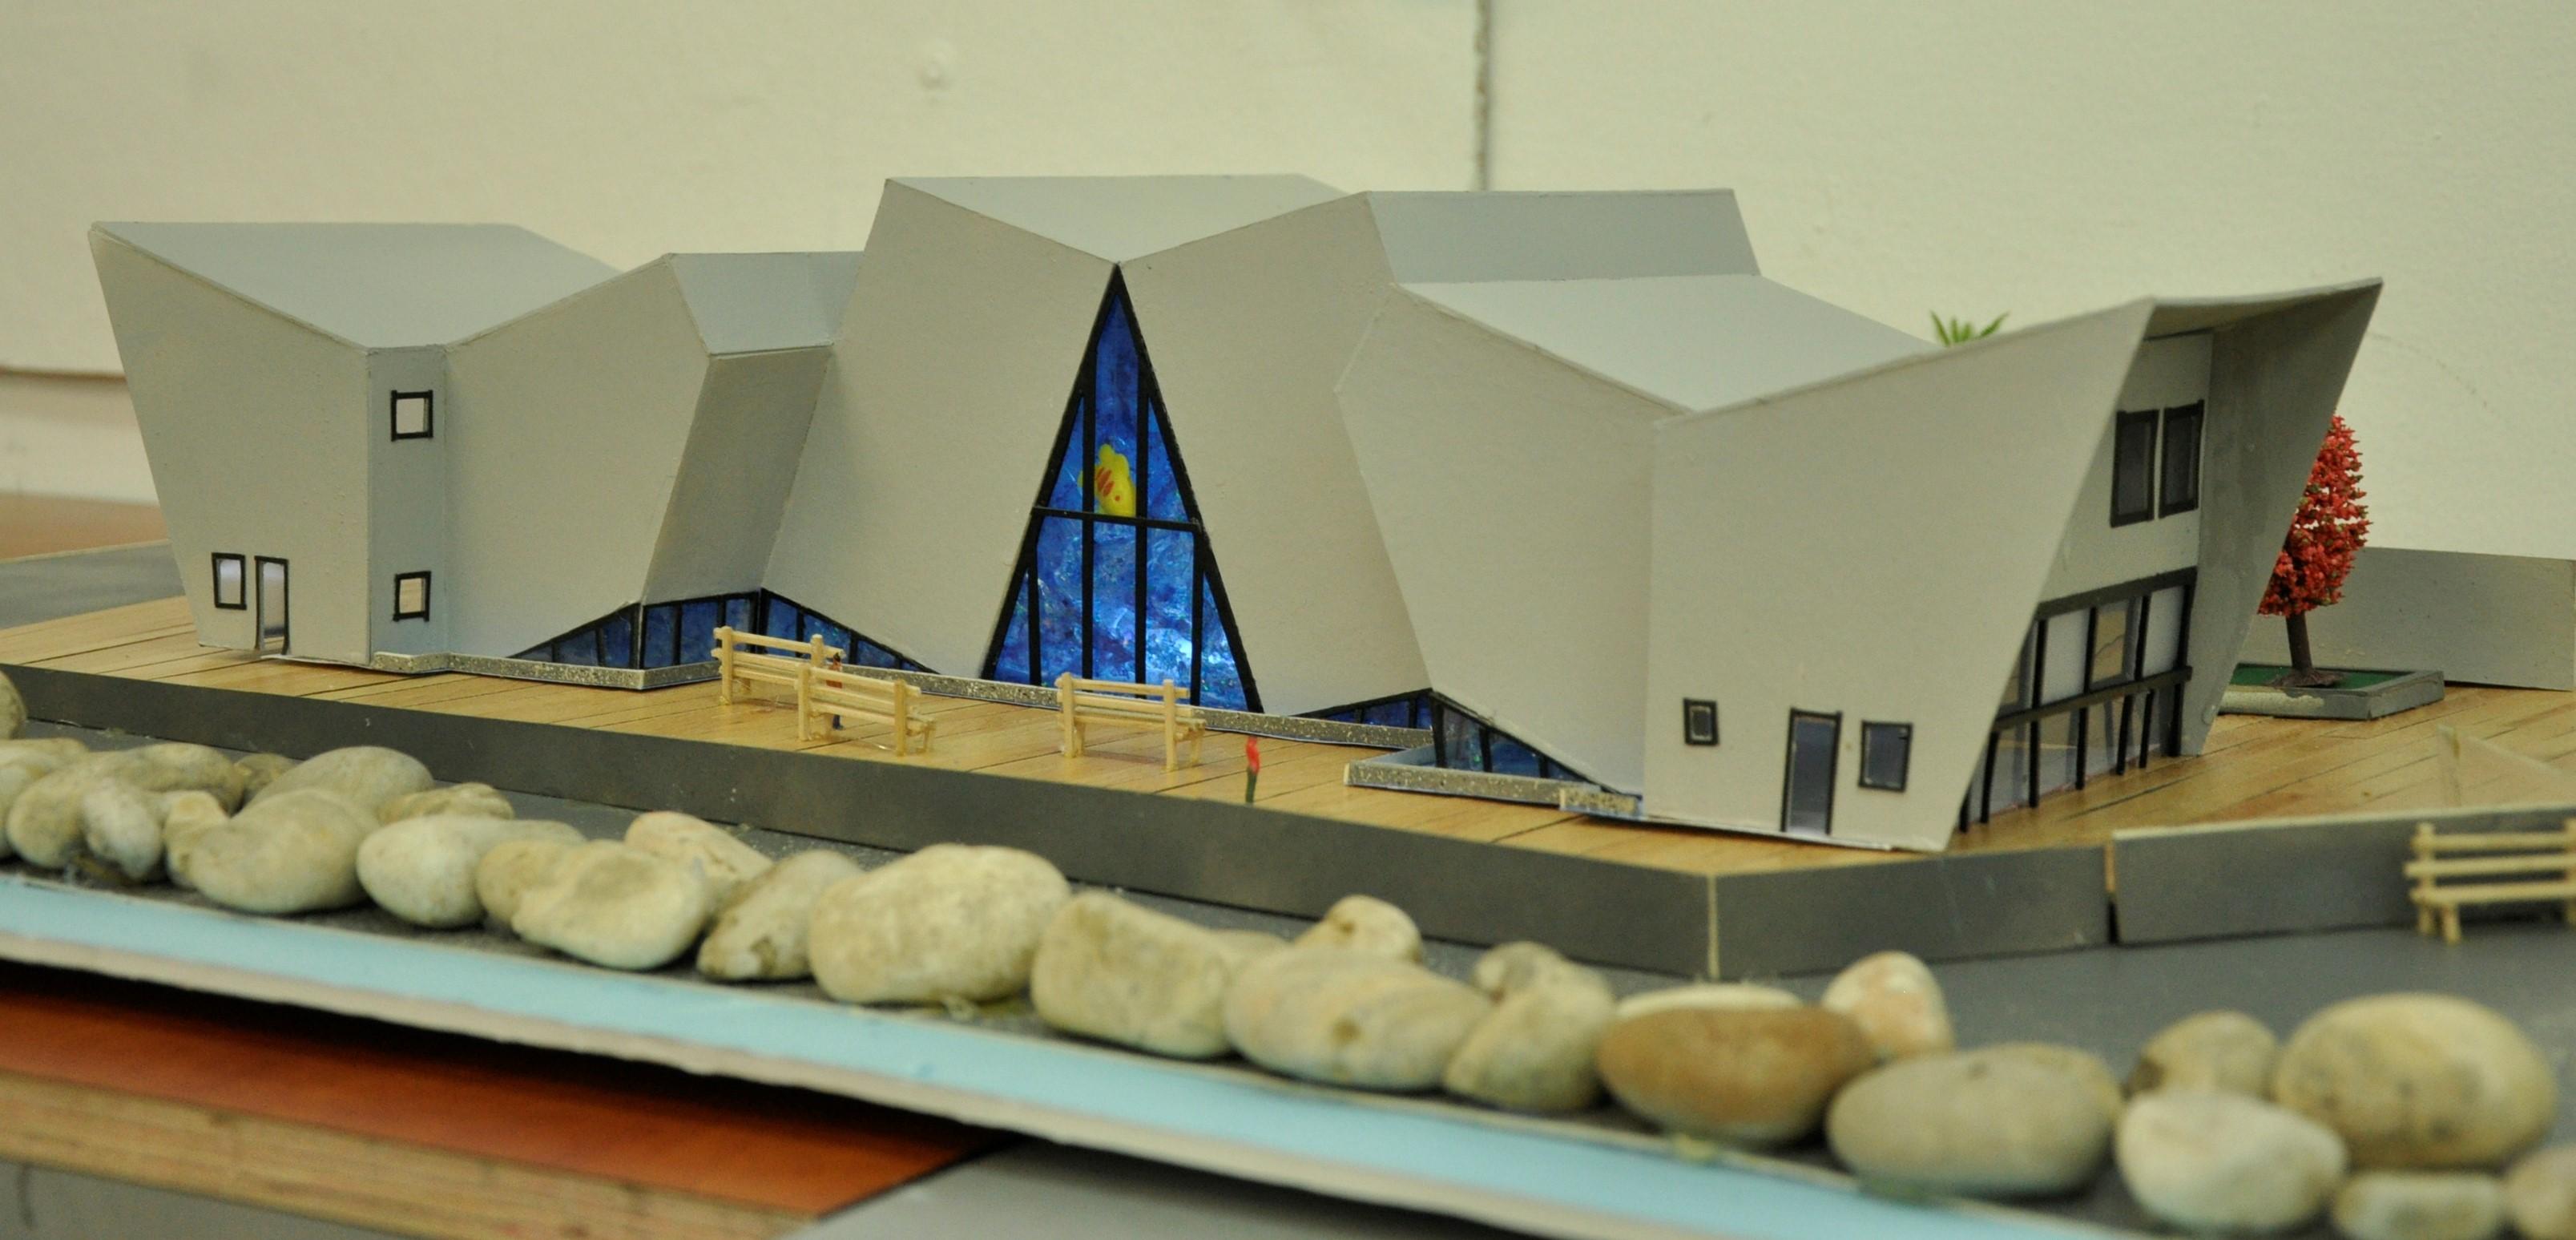 תכנון מרכז ספורט ימי, הנדסאי אדריכלות. מגישה ירדן אלעזר, מנחה לירז גרוס. צילום: מאיה לוי - שנקר הנדסאים